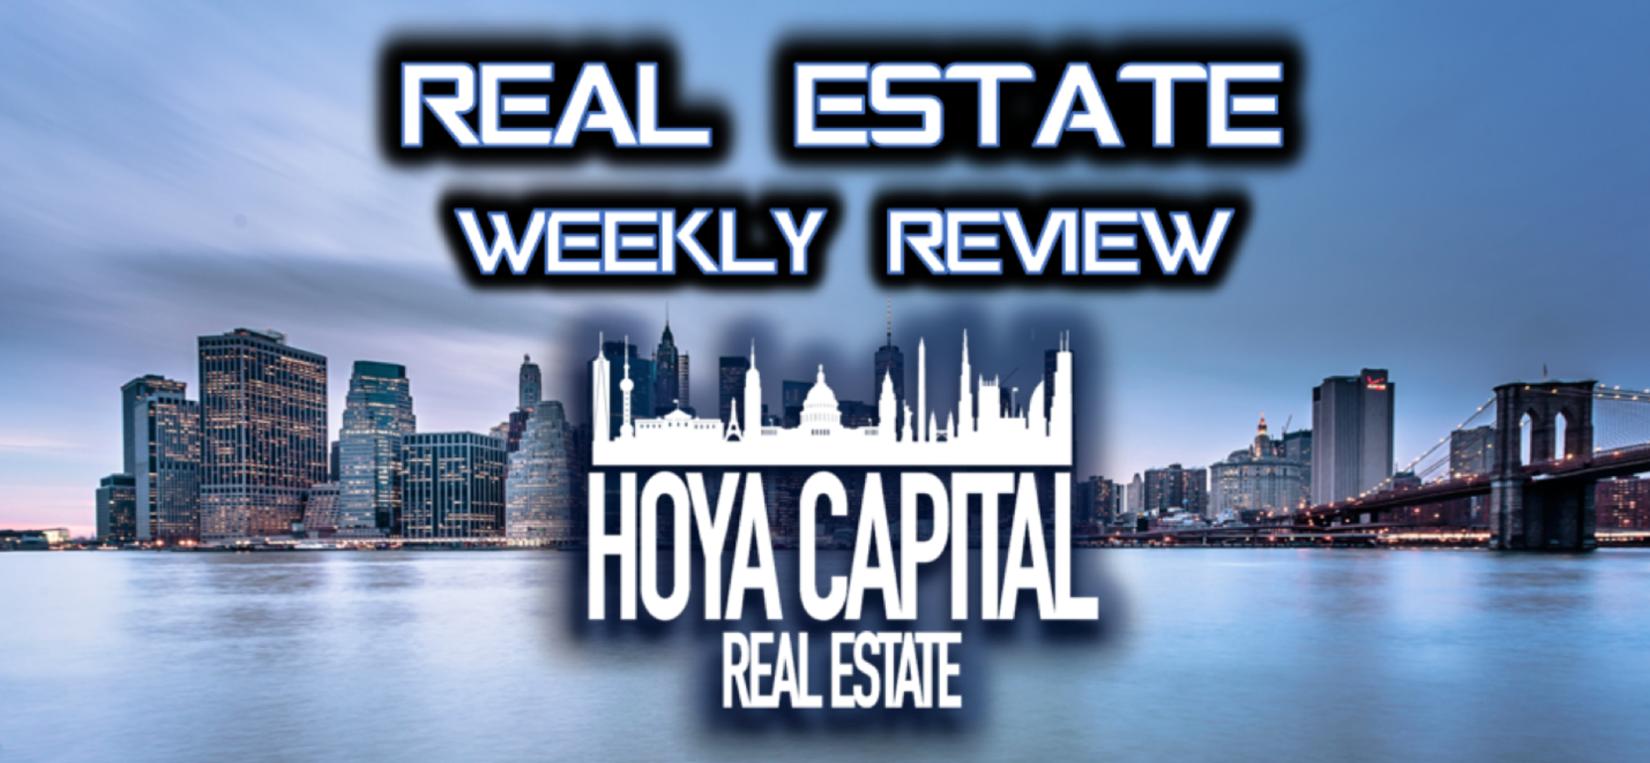 Real Estate Struggles As Markets Enter Correction